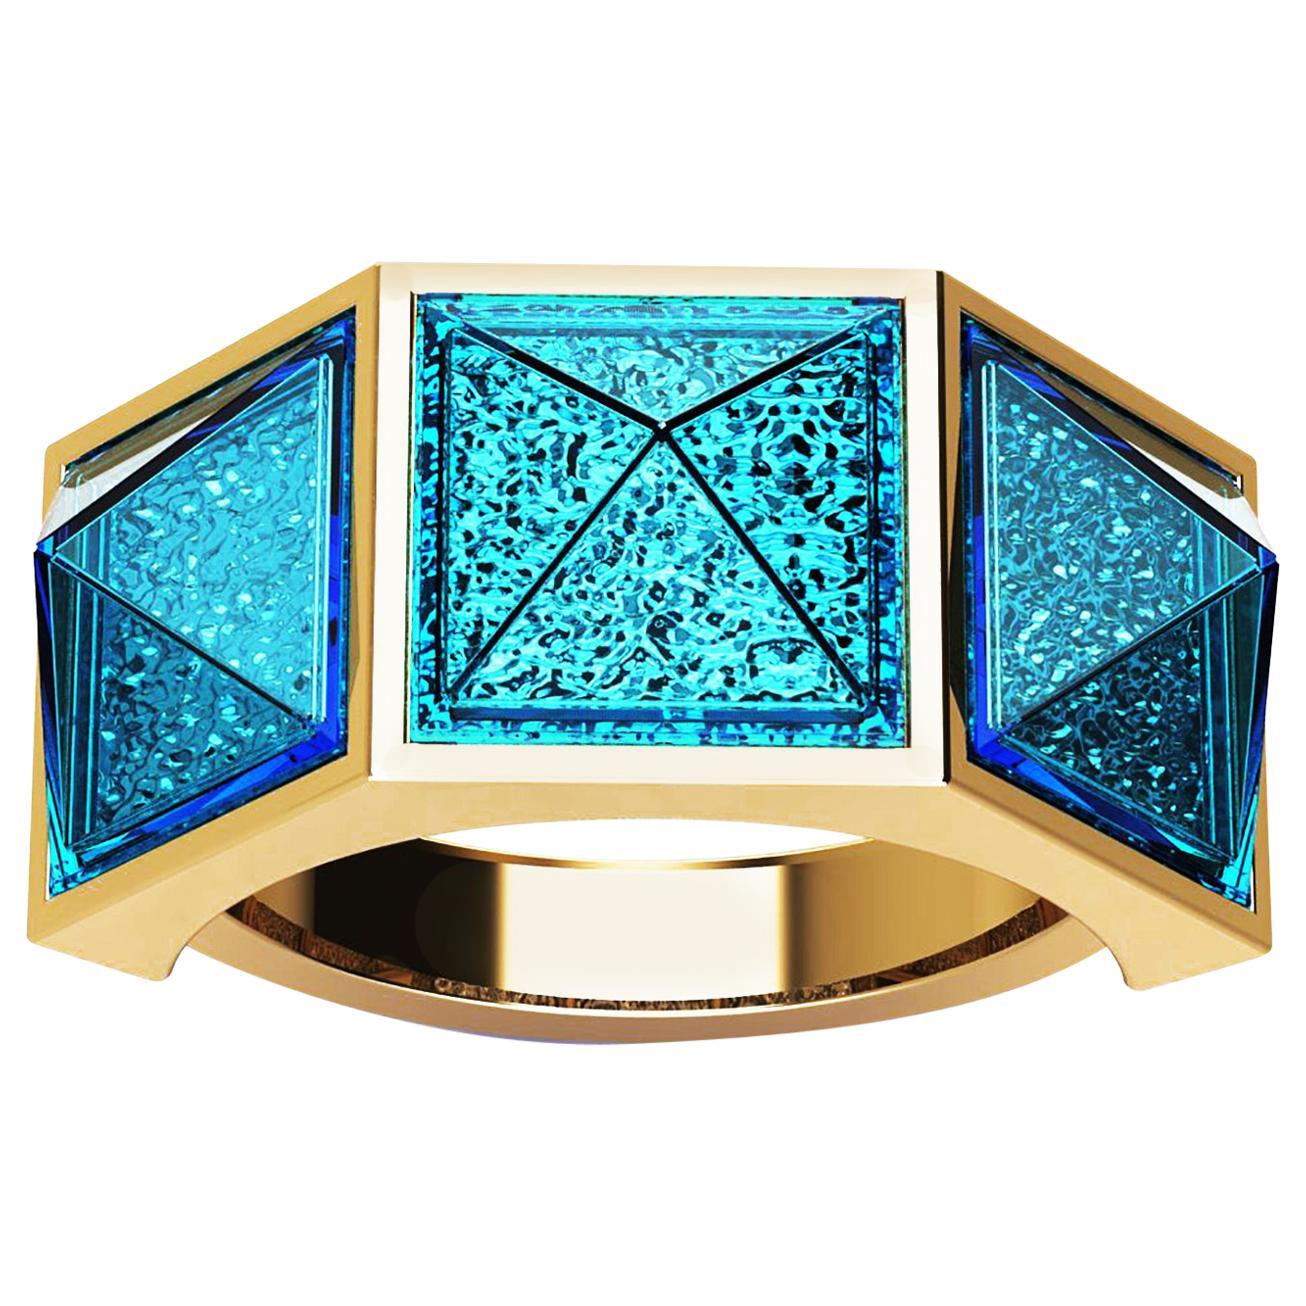 Swiss Blue Topaz Pyramids Ocean Deep Water 18K Yellow Gold Ring